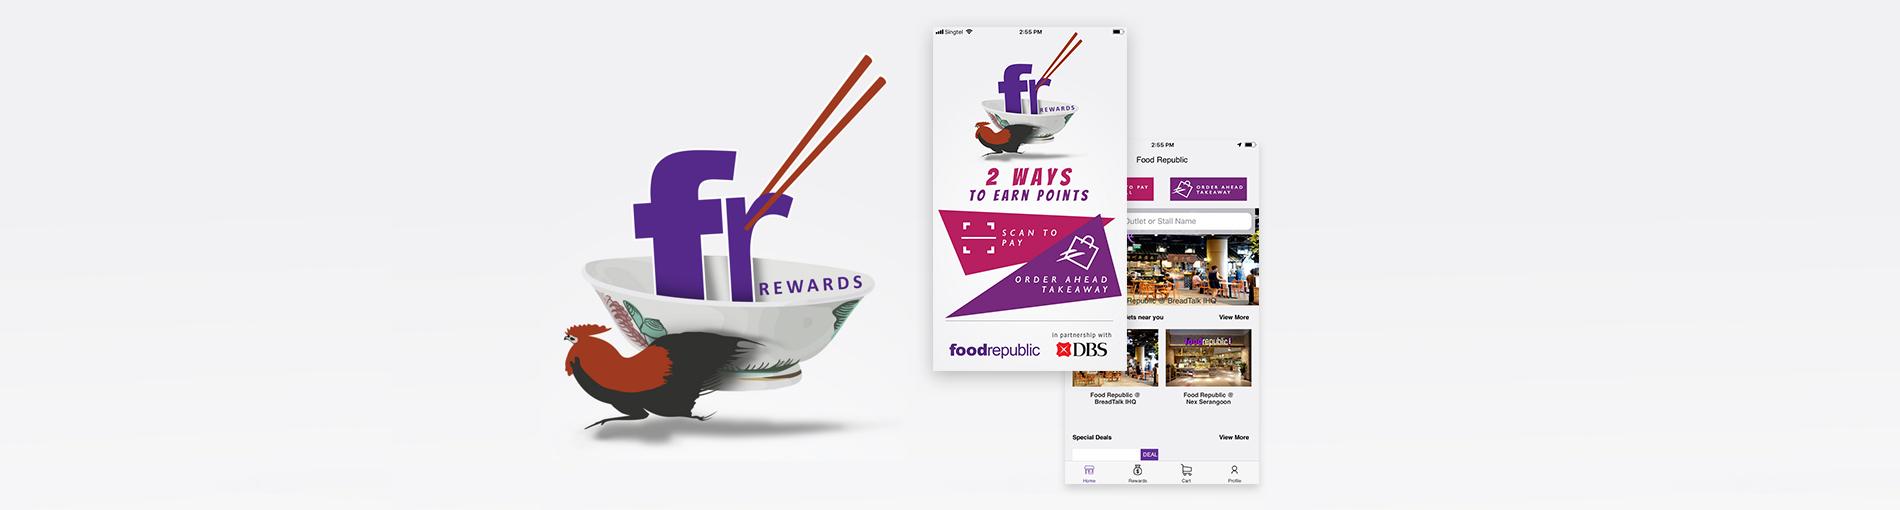 fr_rewards_logo